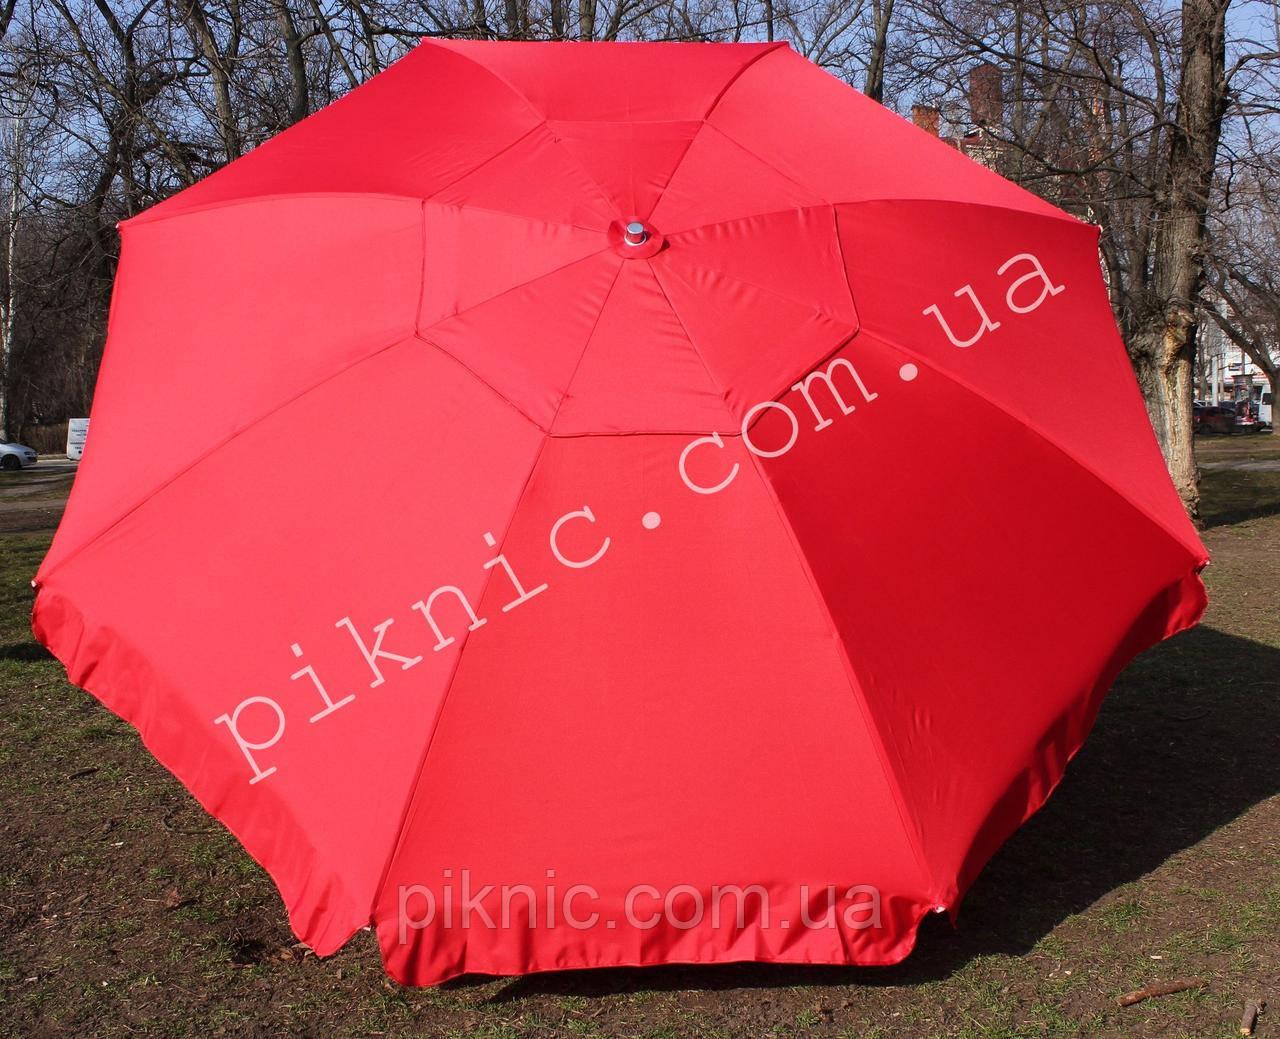 Зонт торговый большой 3,5м круглый с клапаном Усиленный зонт для торговли на улице Красный 351